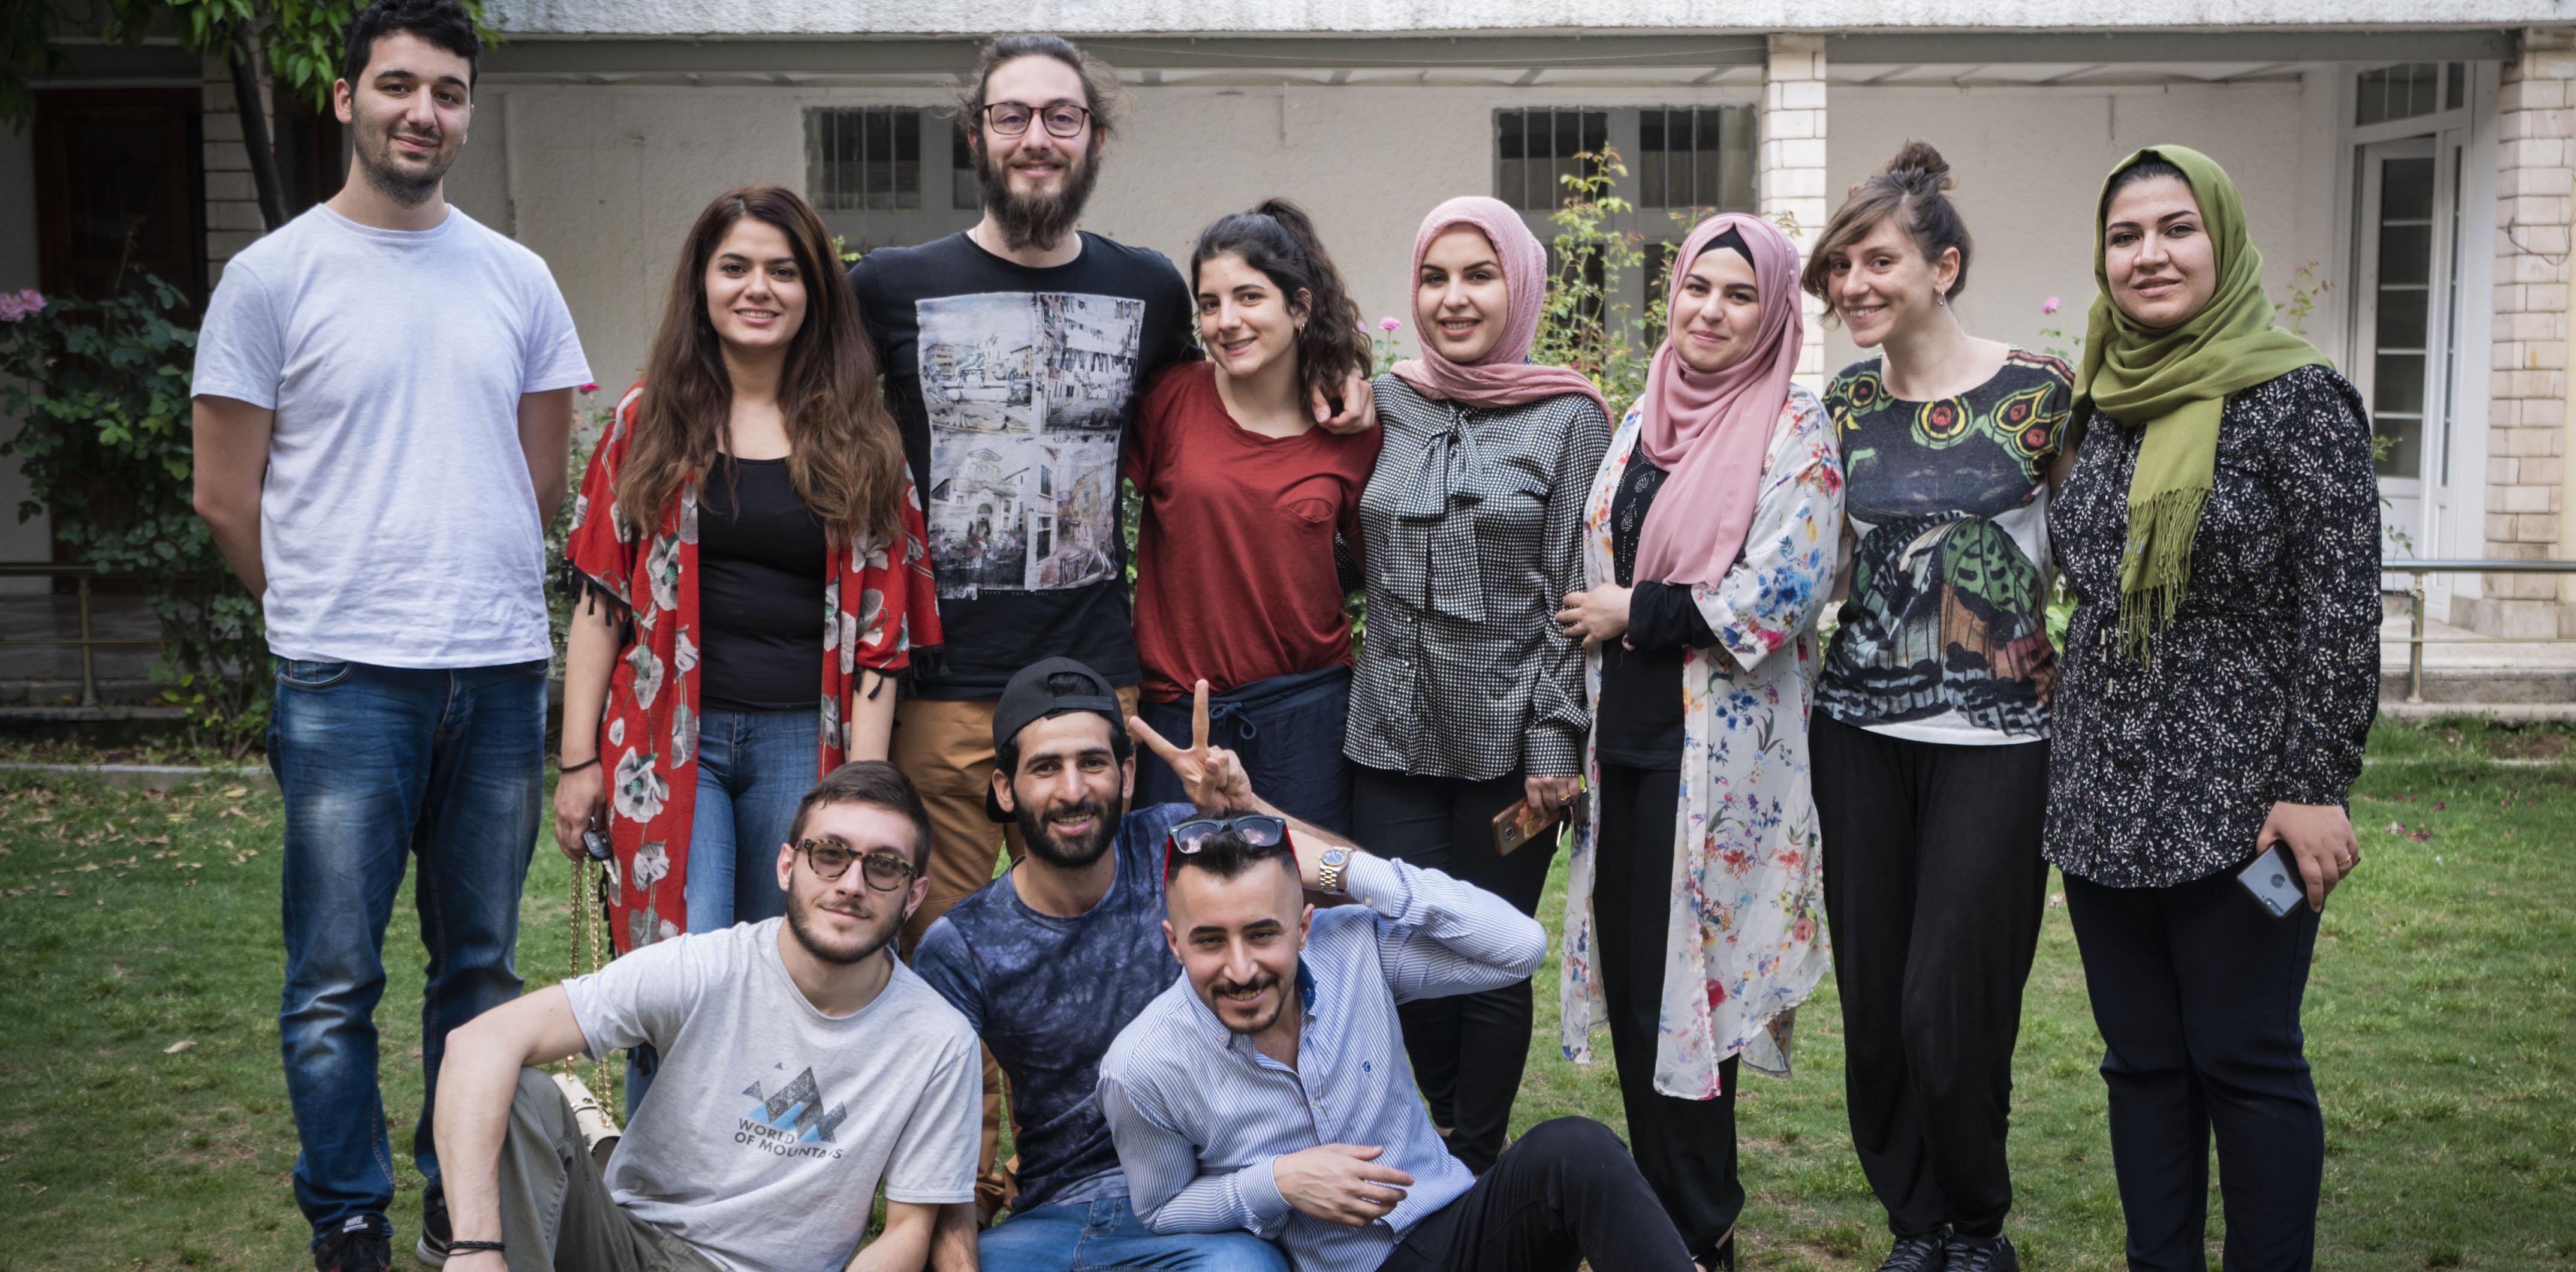 Le ragazze e i ragazzi dello scambio giovanile insieme allo staff UPP in Iraq